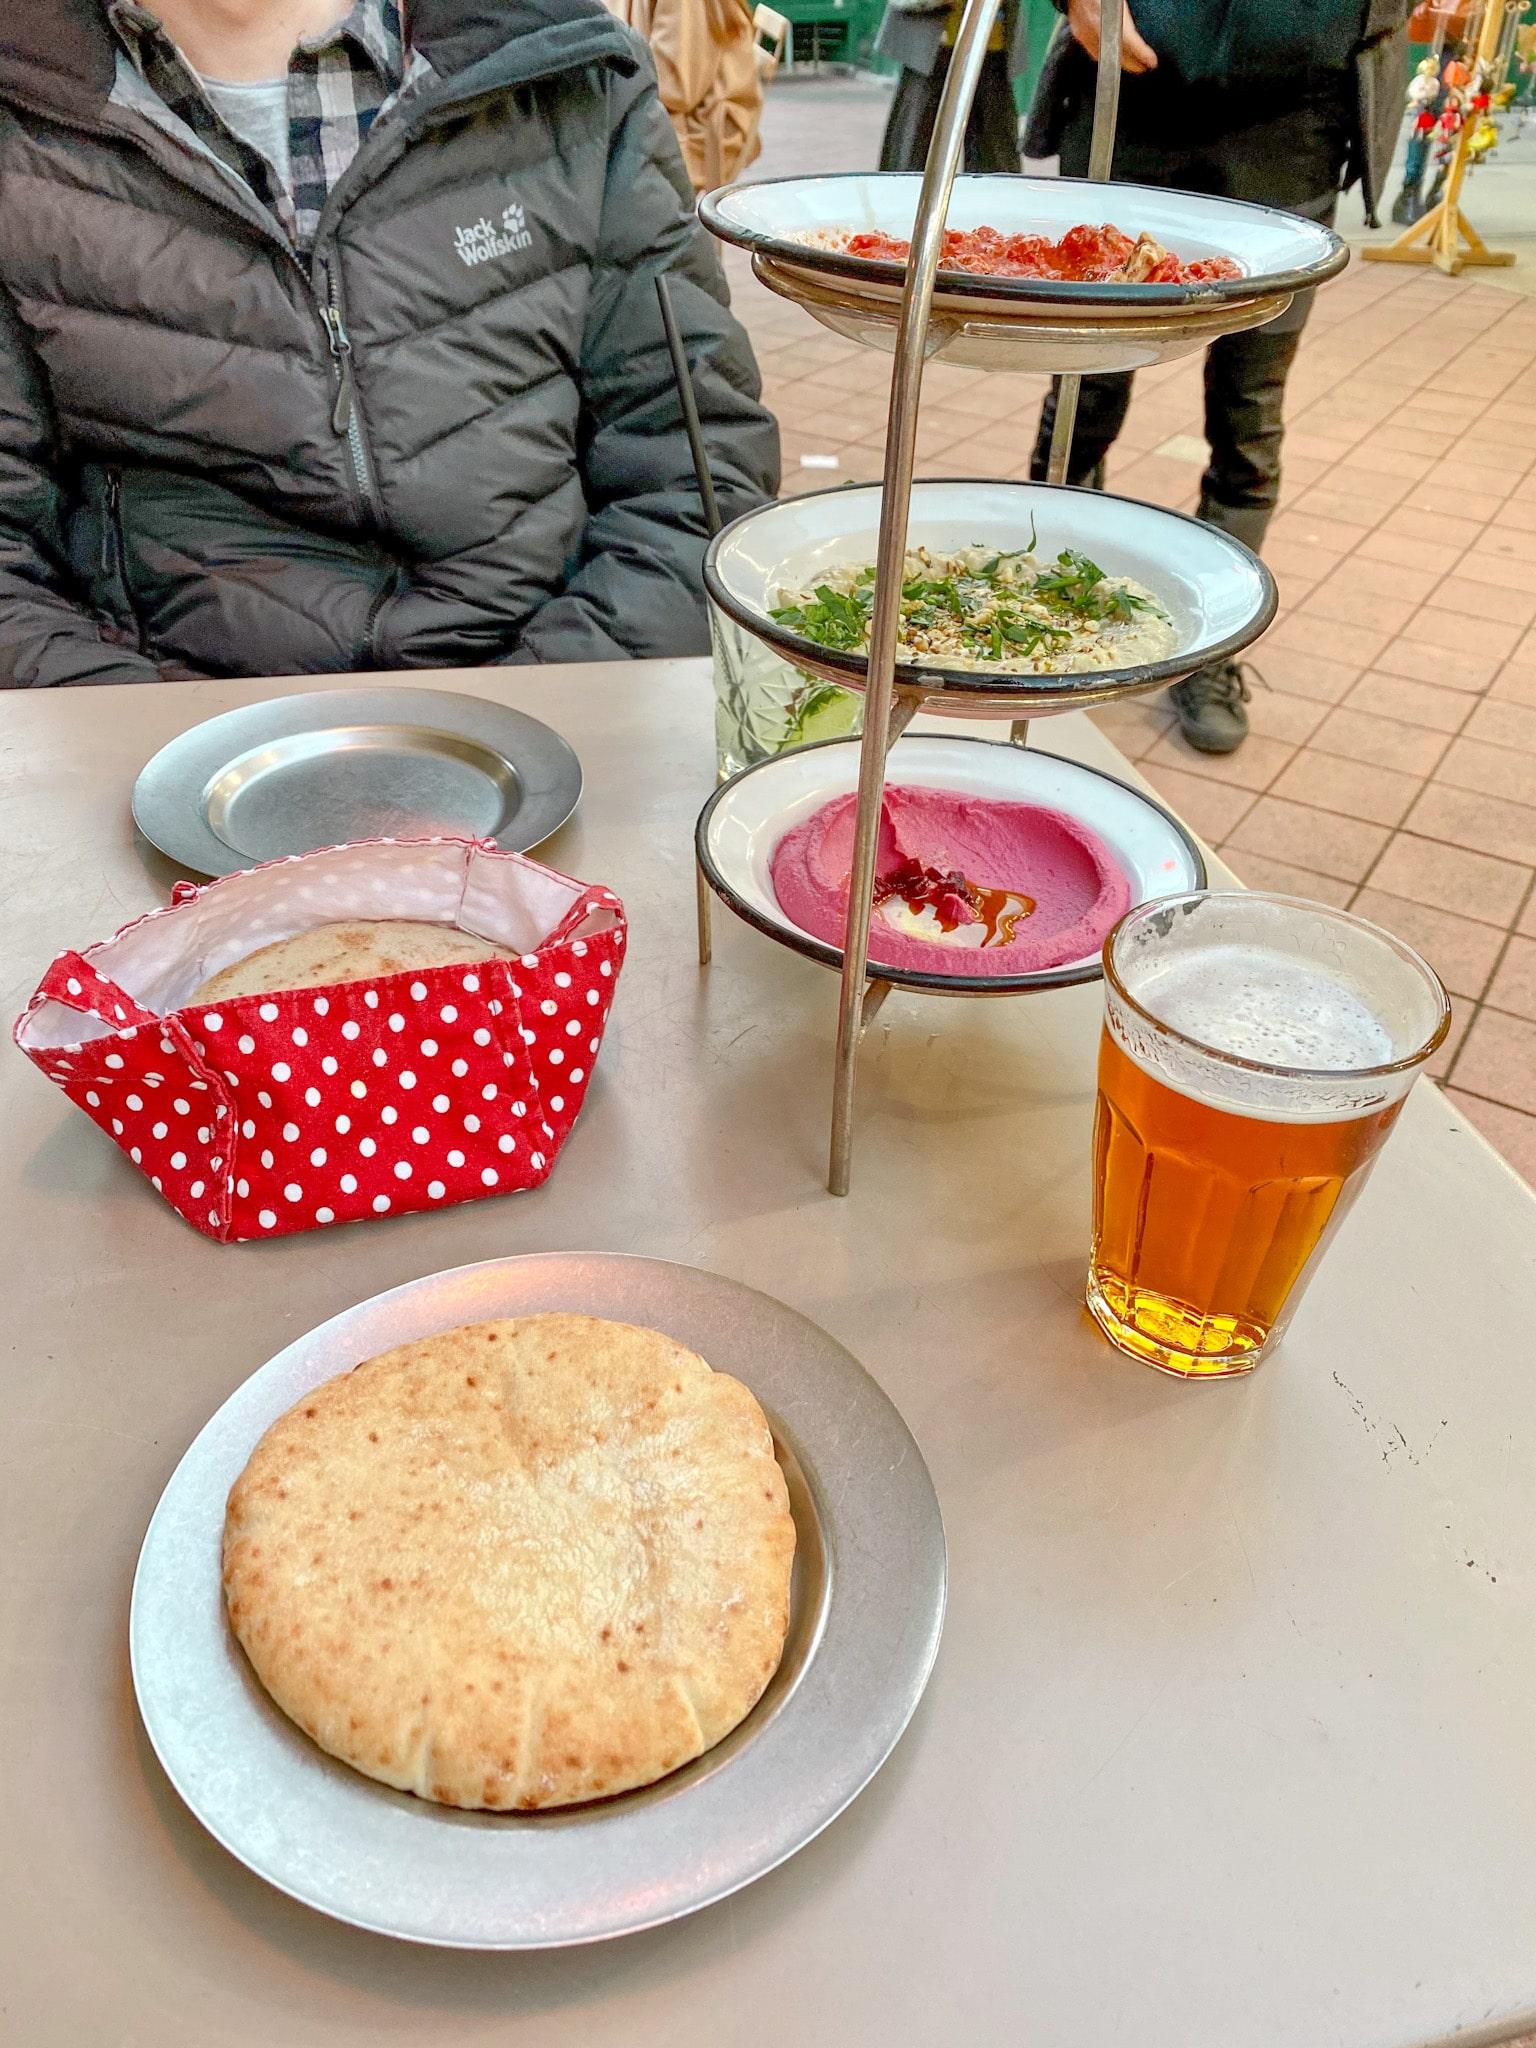 A meal served at the Naschmarkt in Vienna, Austria.